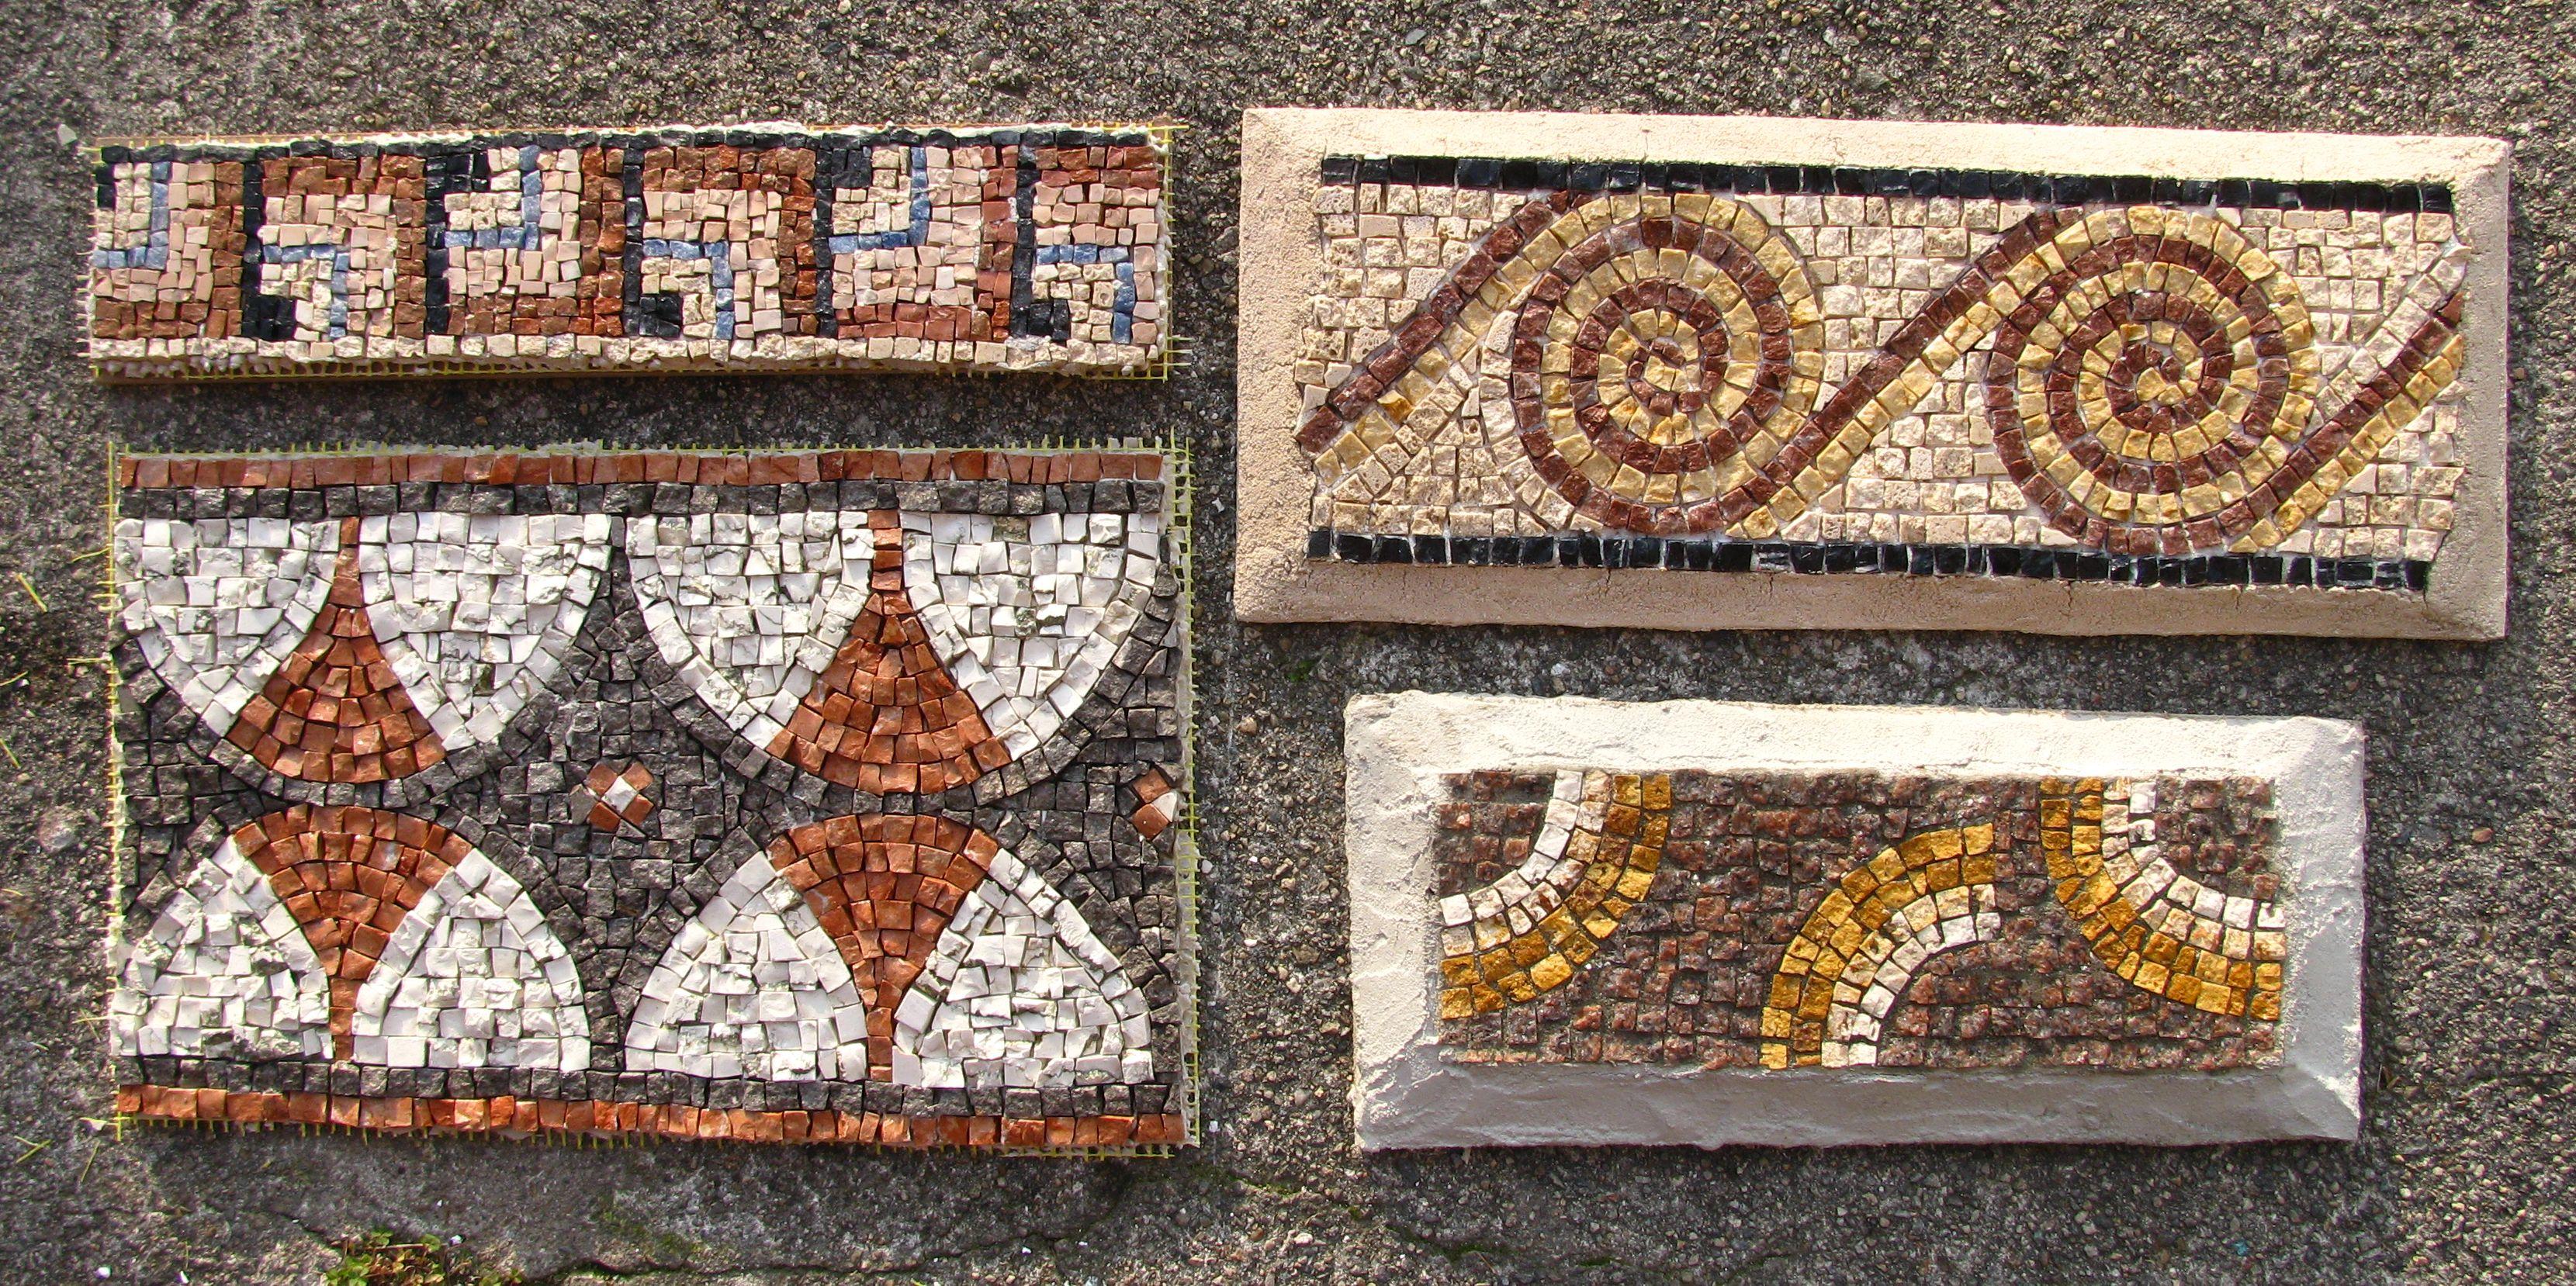 Inserti greche mosaico in pietra mosaico romano